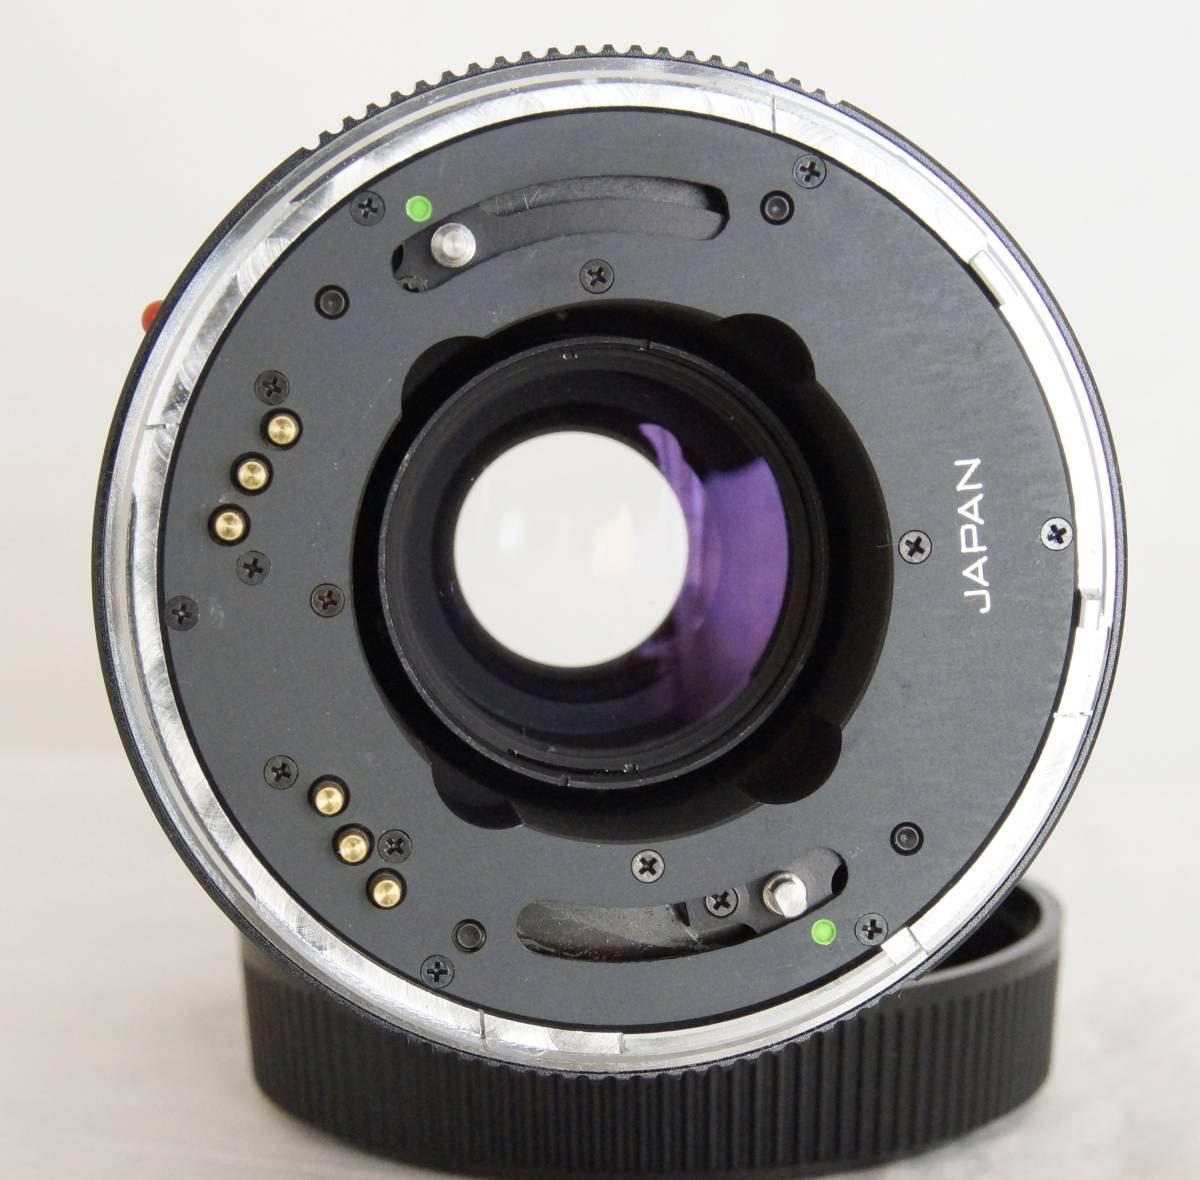 ★ブロニカBRONICA ETRS用 ZENZANON MC 250mm F5.6 フード付き_画像6